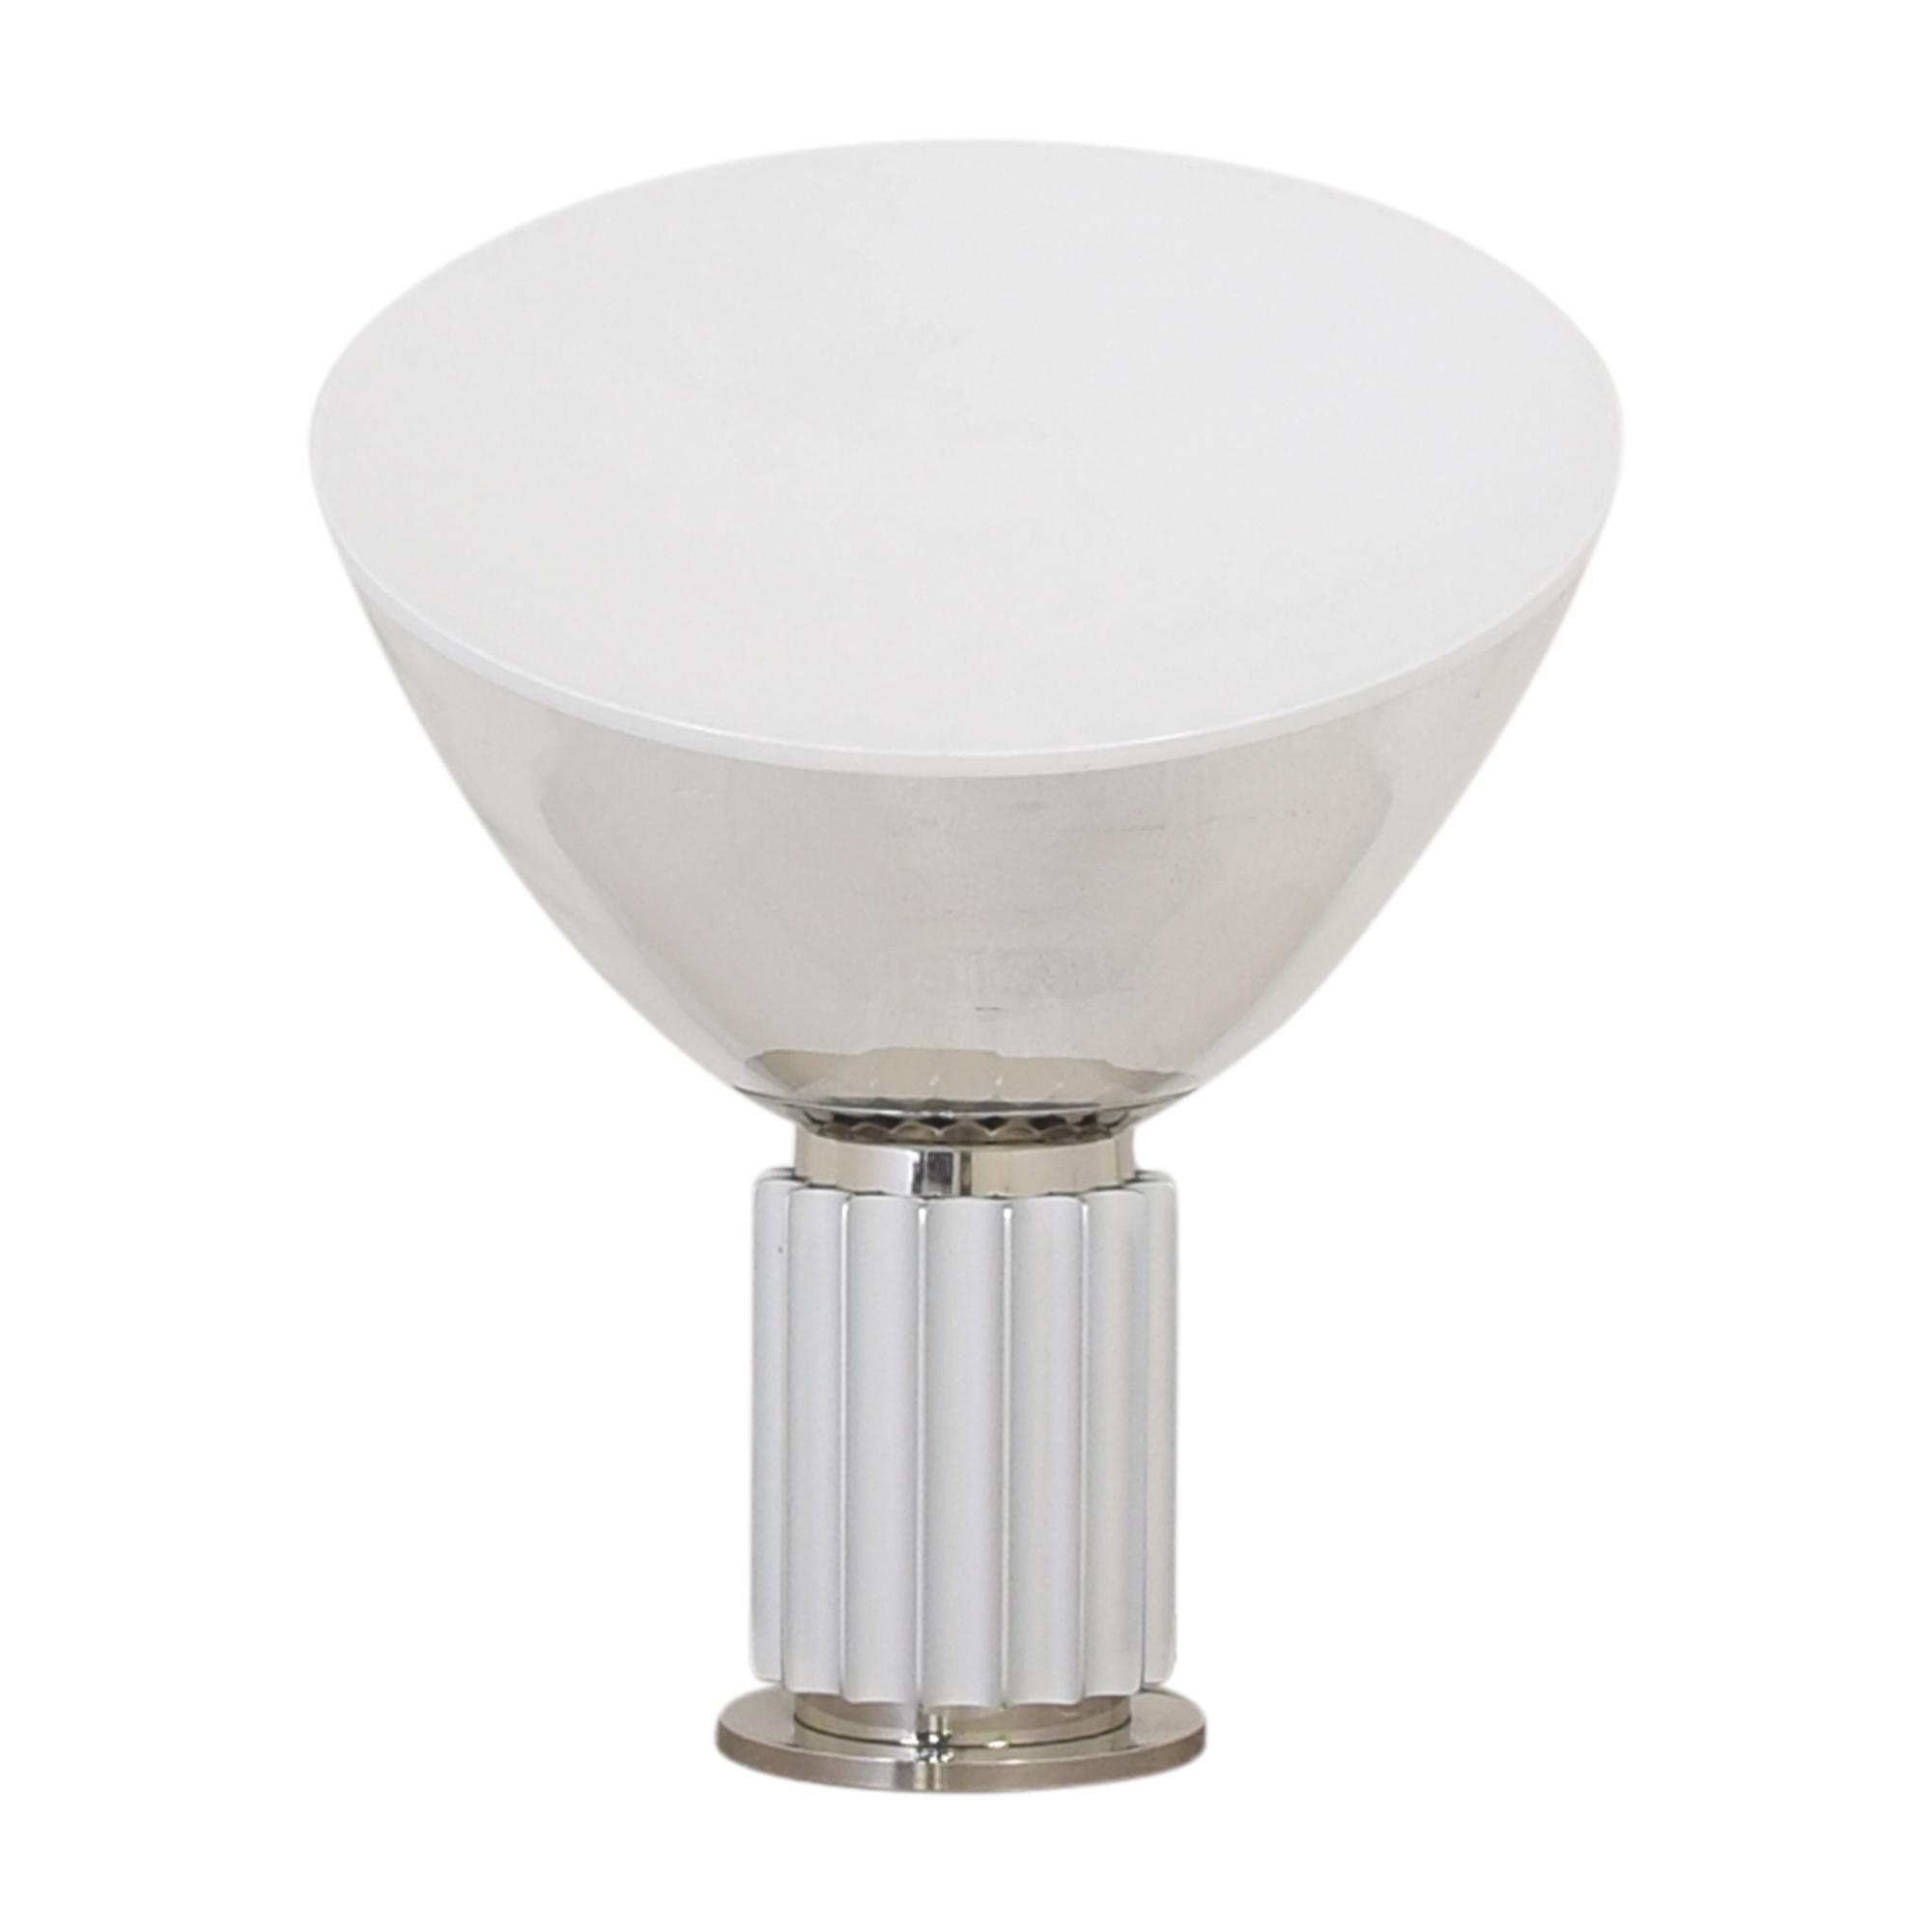 FLOS Flos Taccia Table Lamp White & Chrome